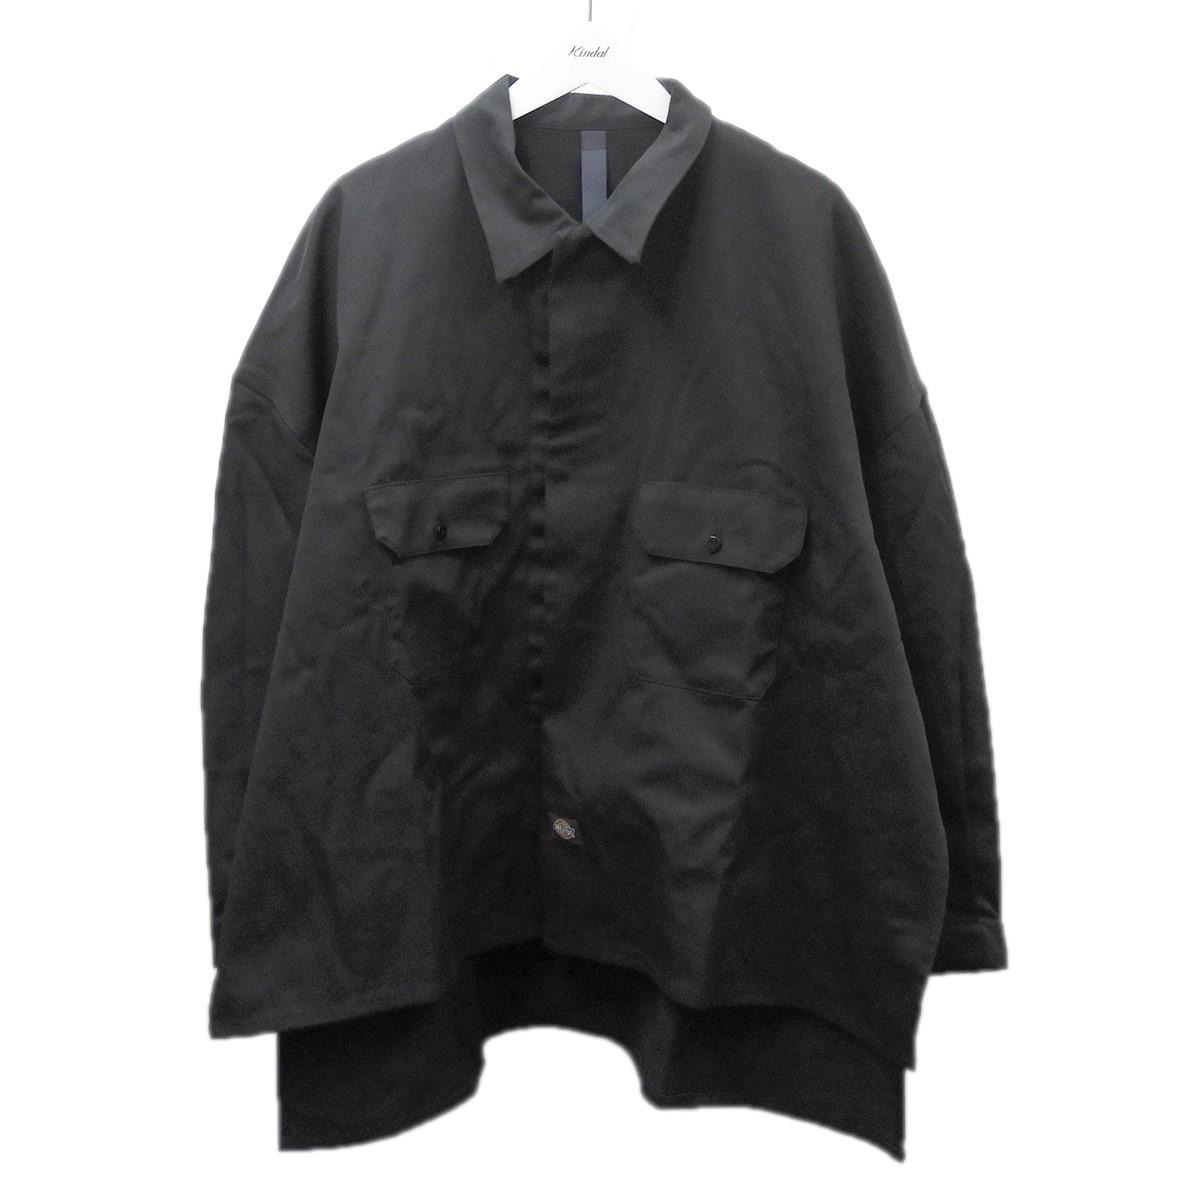 【中古】SHINYA KOZUKA 2020SS「WORK SHIRT-ISHYJACKET WITH DICKIES」ワークジャケット ブラック サイズ:M 【260720】(シンヤコヅカ)